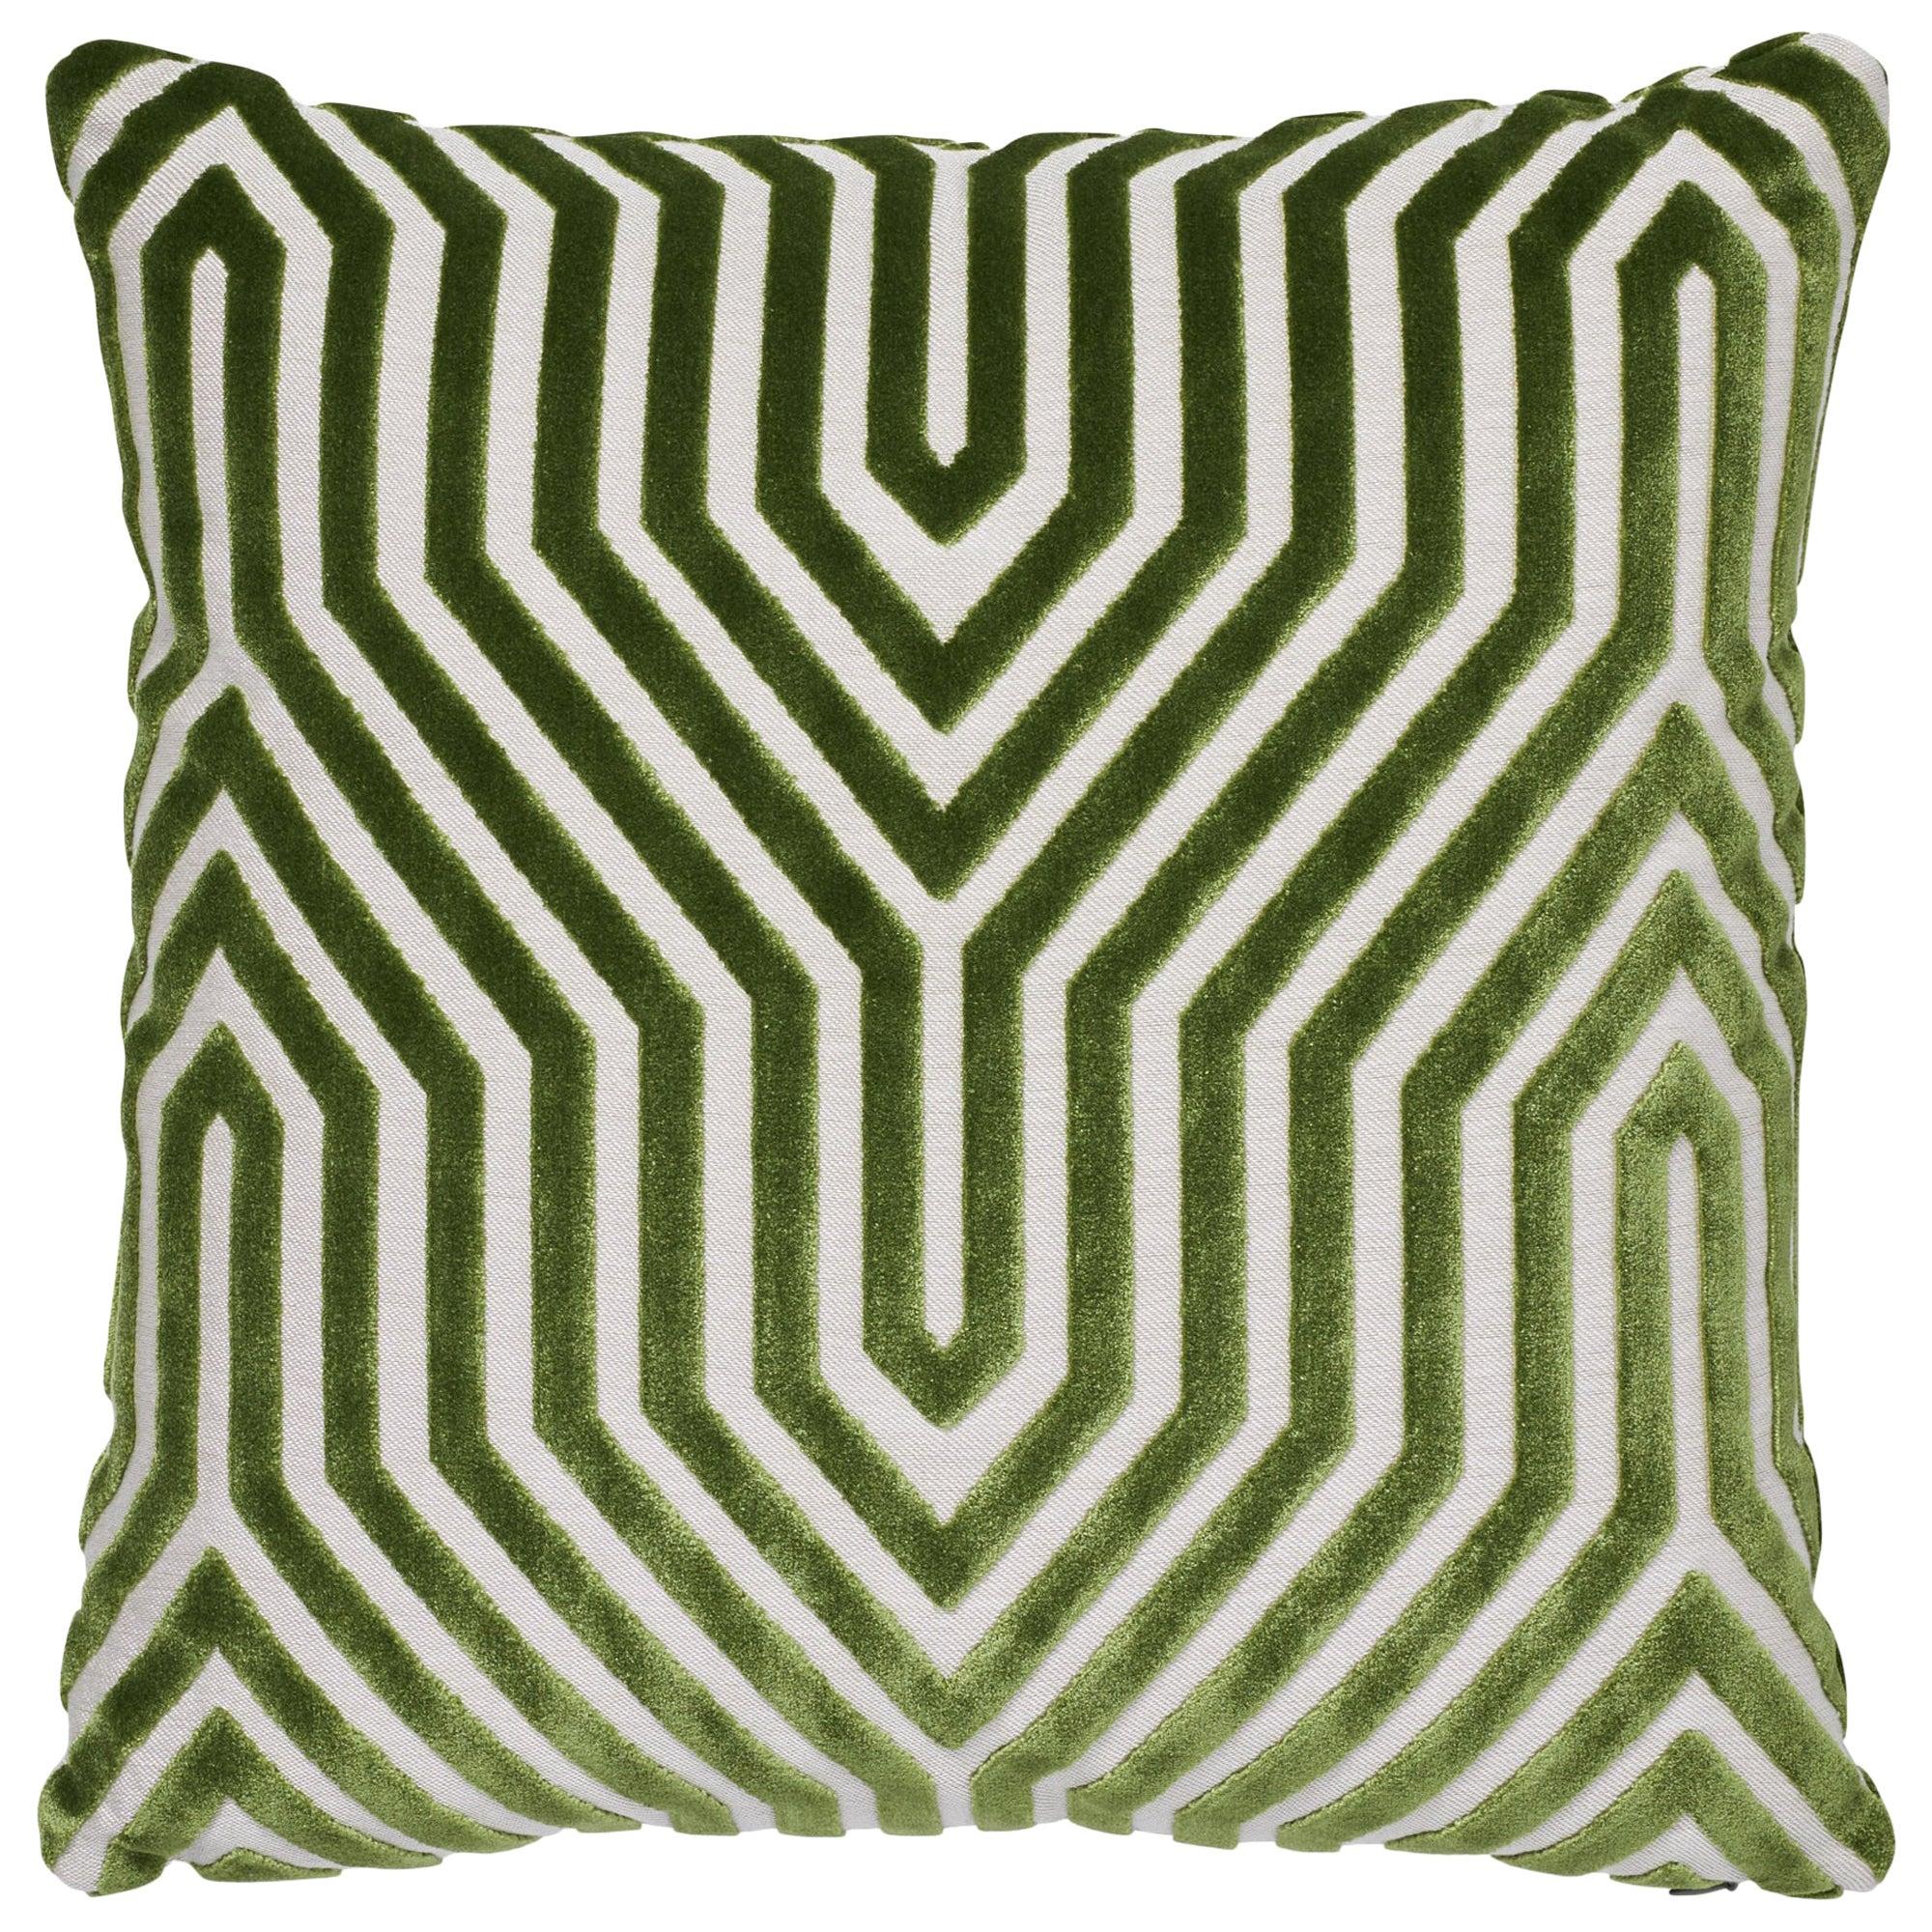 Schumacher Vanderbilt Velvet Lettuce Two-Sided Pillow